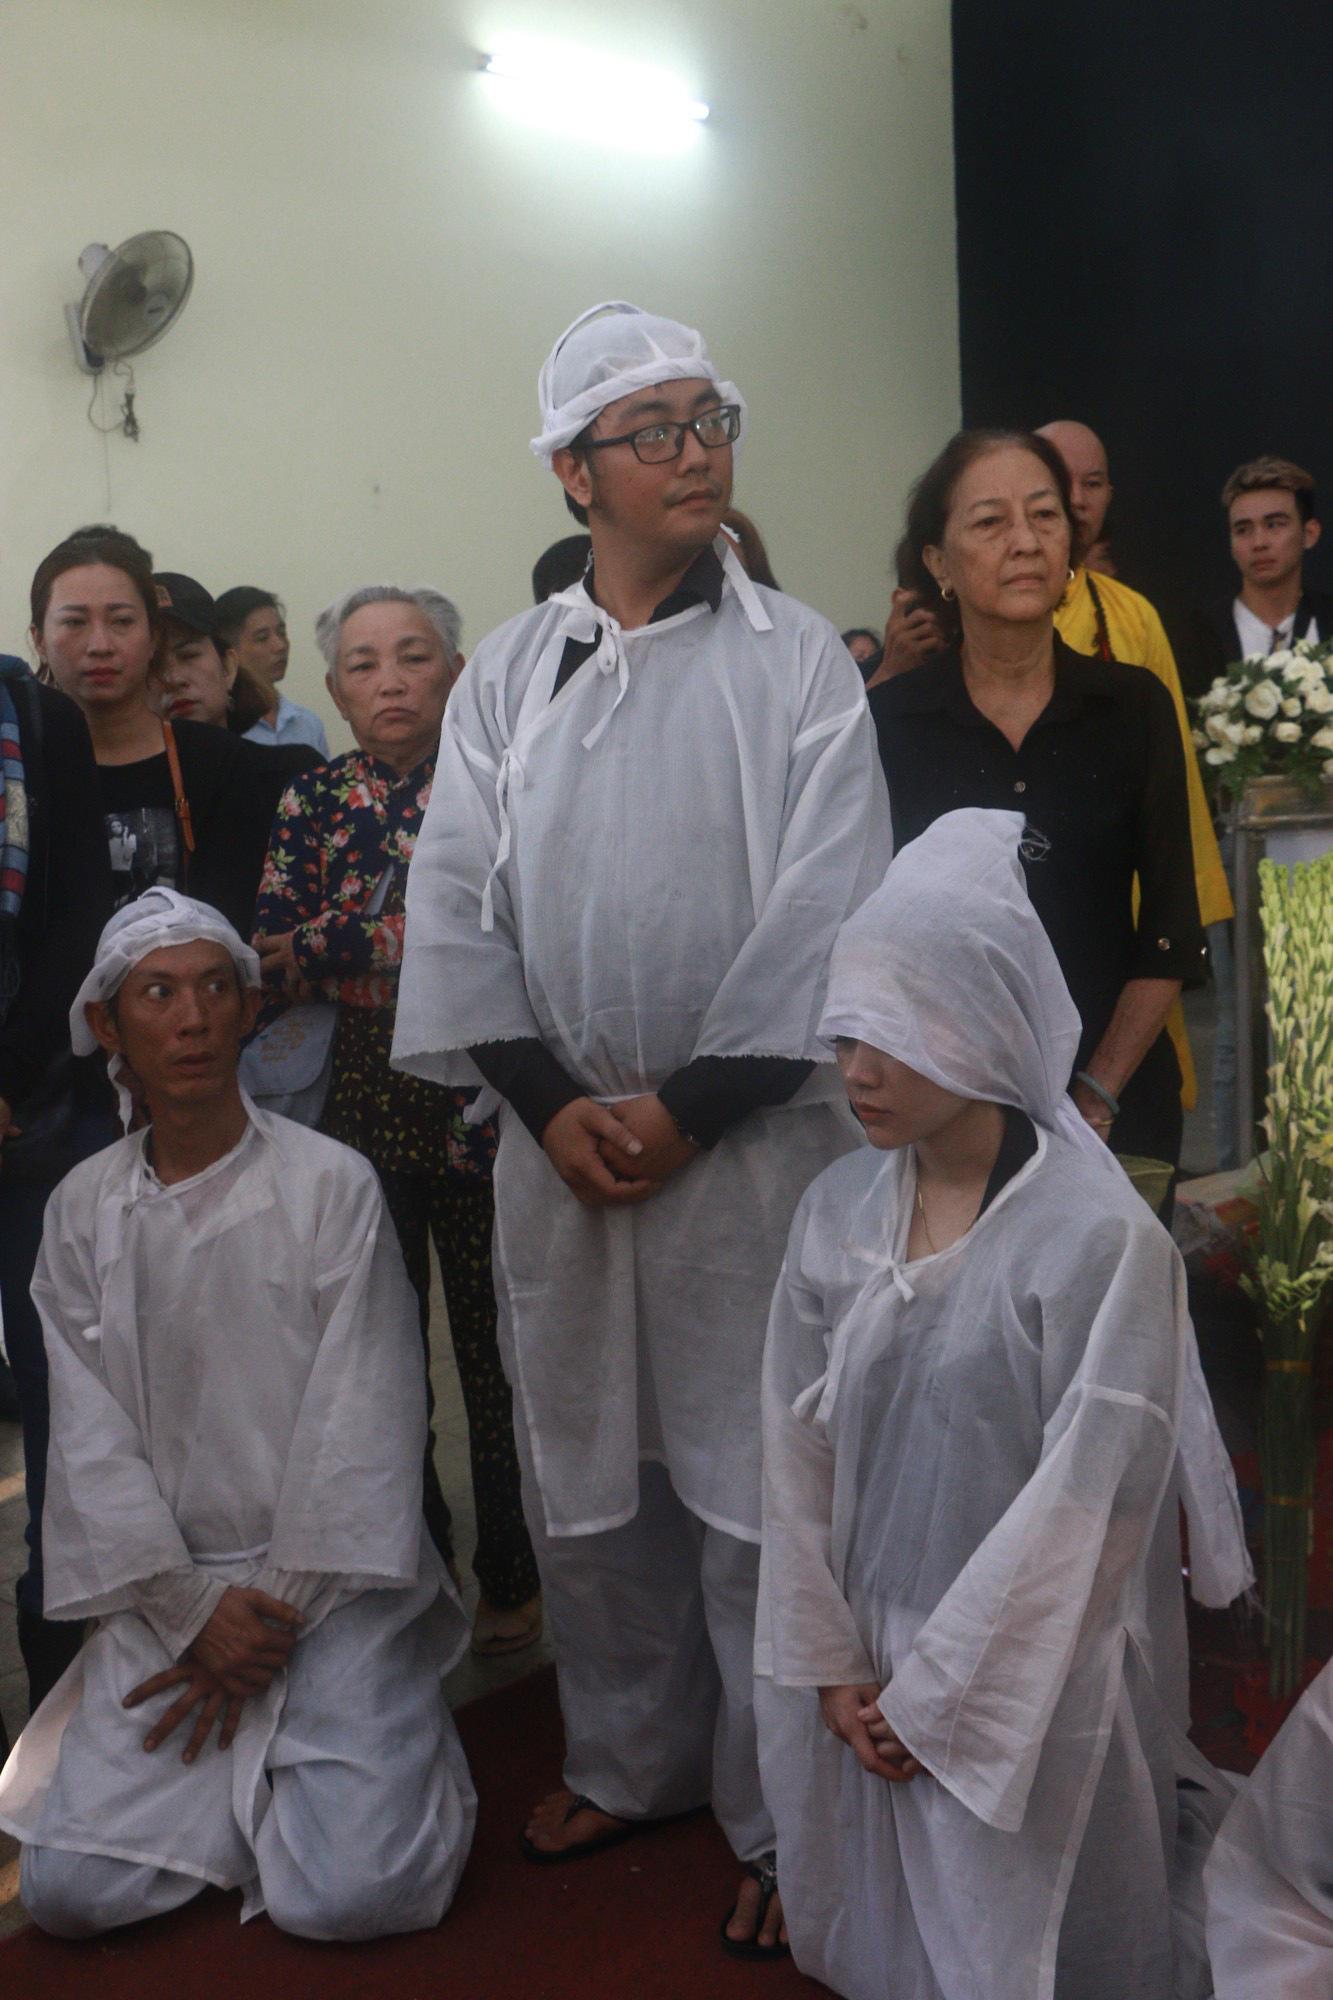 Con gái Lê Bình suy sụp, thất thần trong lễ động quan đưa thi hài cha về nơi an nghỉ - Ảnh 6.